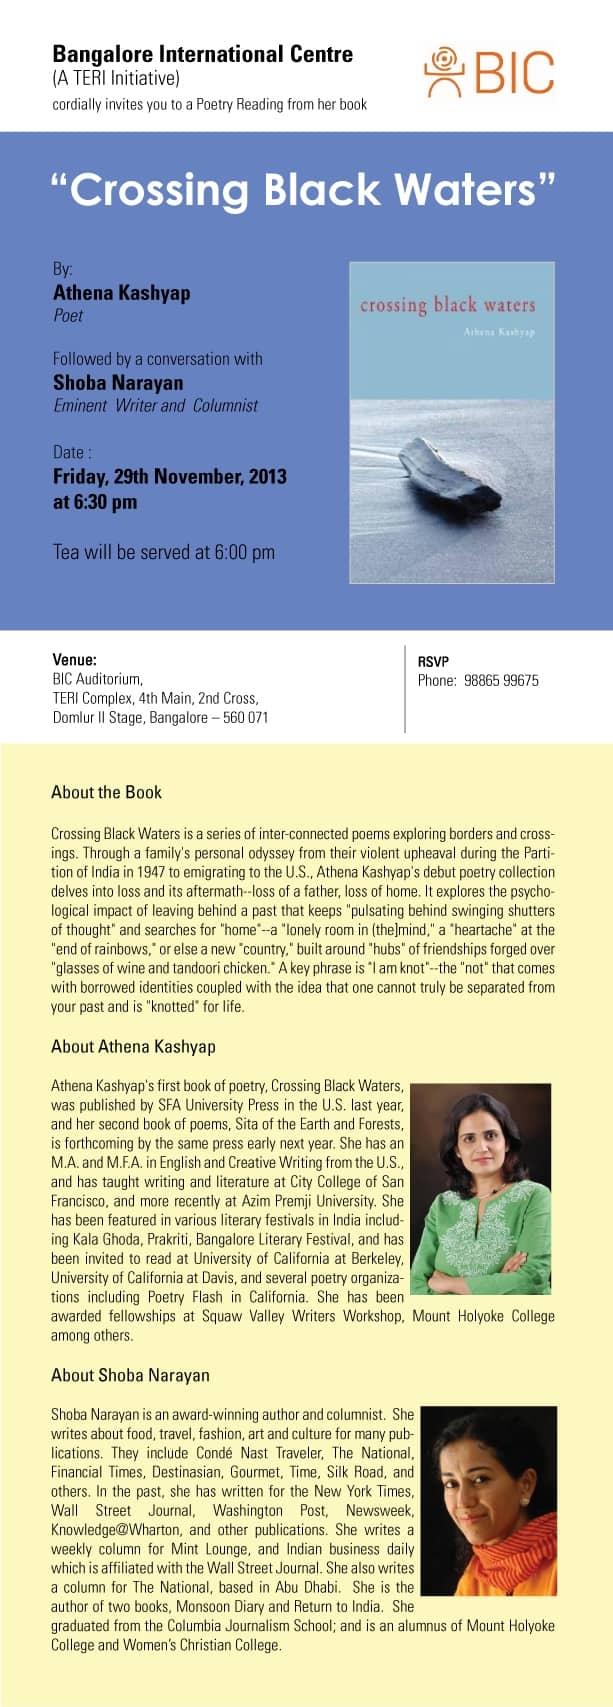 Invite dt. 29-11-2013